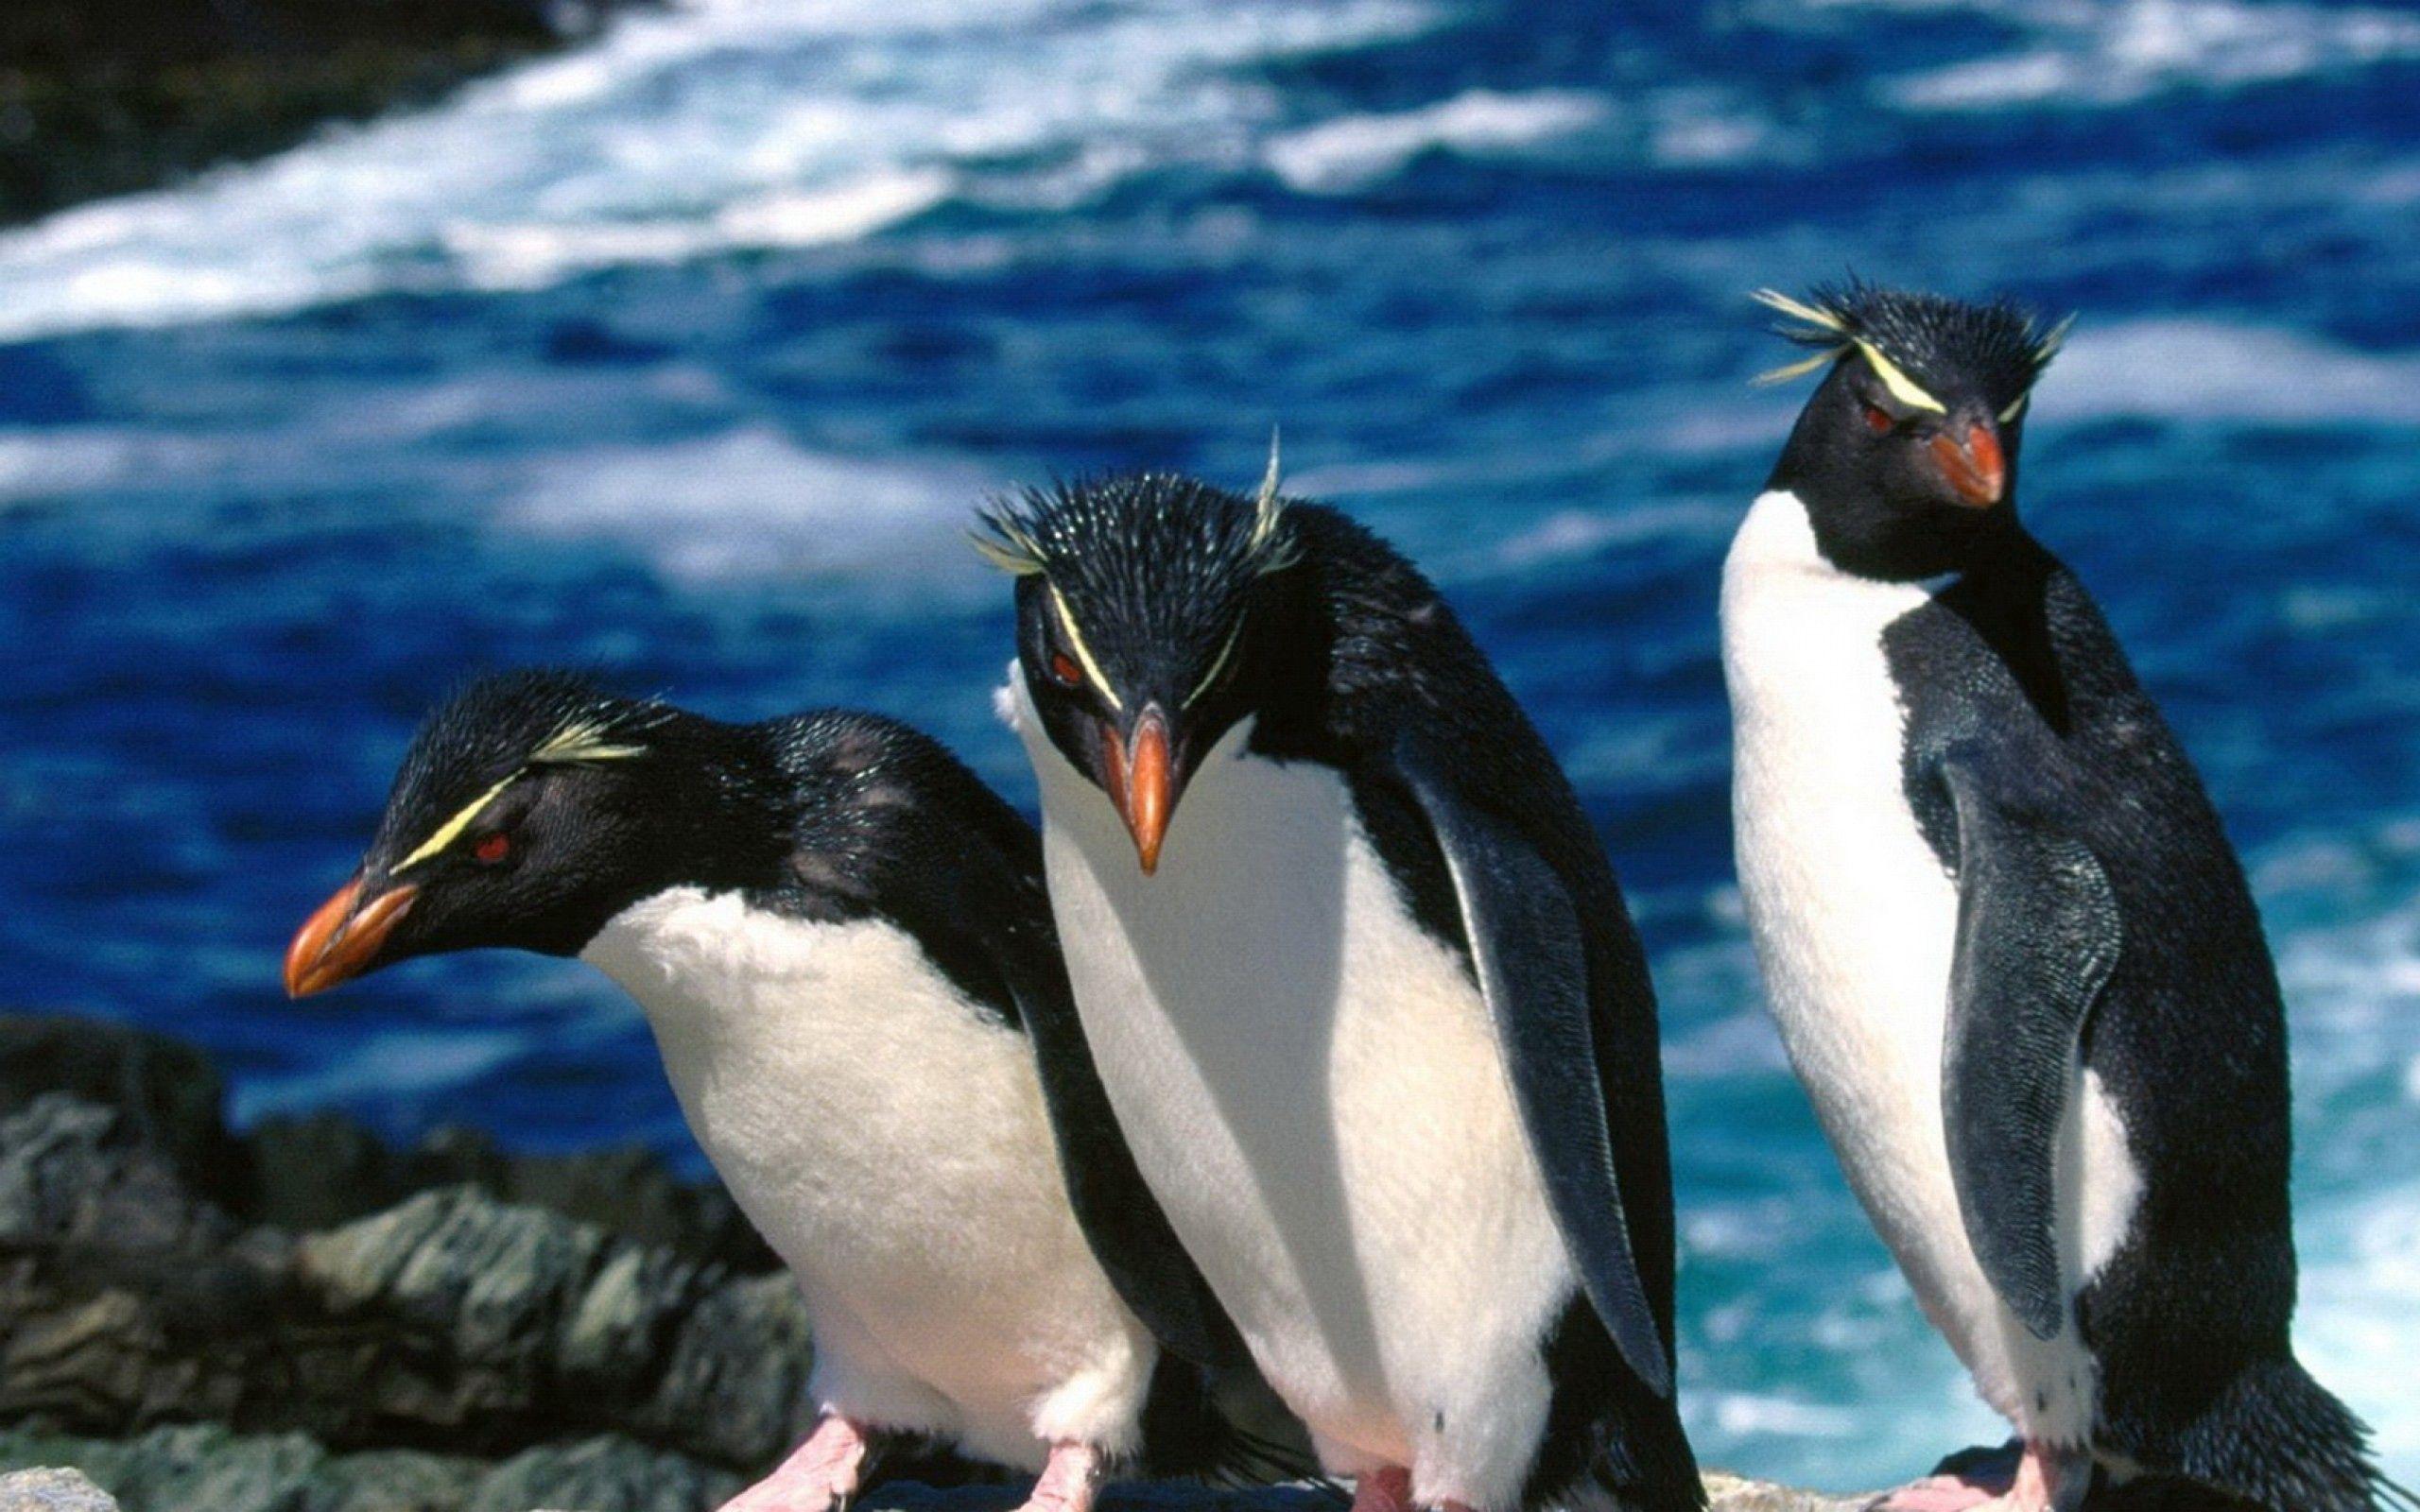 138708 Hintergrundbild 1024x600 kostenlos auf deinem Handy, lade Bilder Tiere, Wasser, Pinguins, Bummel, Spaziergang, Drei 1024x600 auf dein Handy herunter